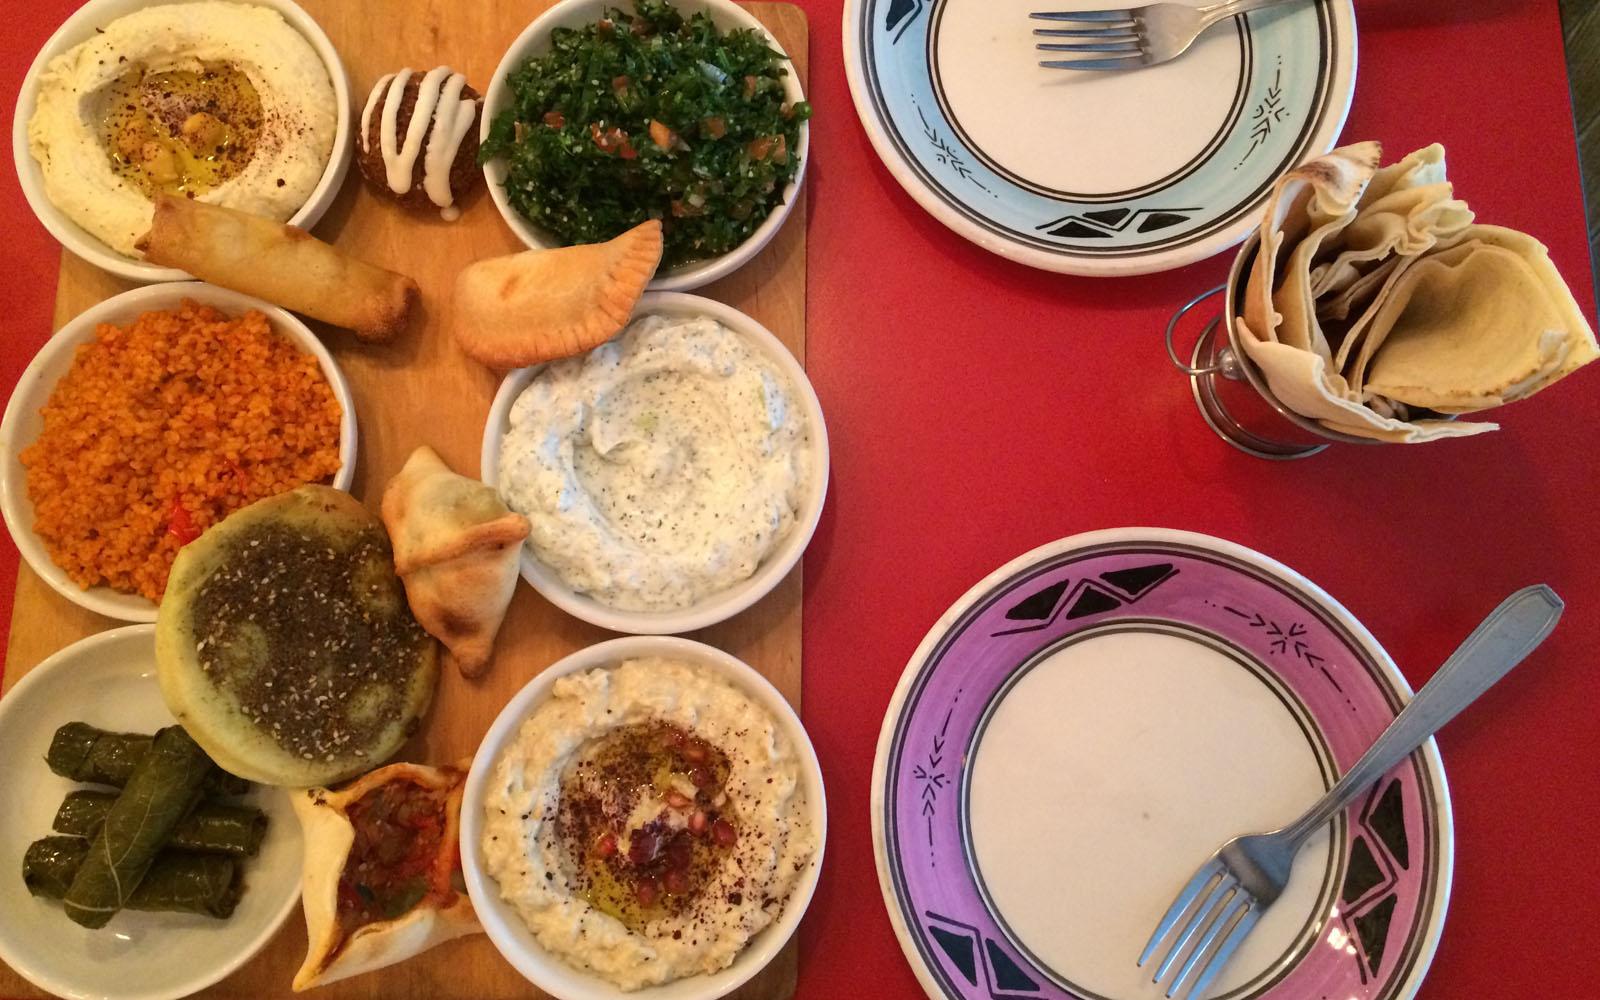 Il piatto misto vegetariano da Atelier Libanais di Belleville, a Parigi.